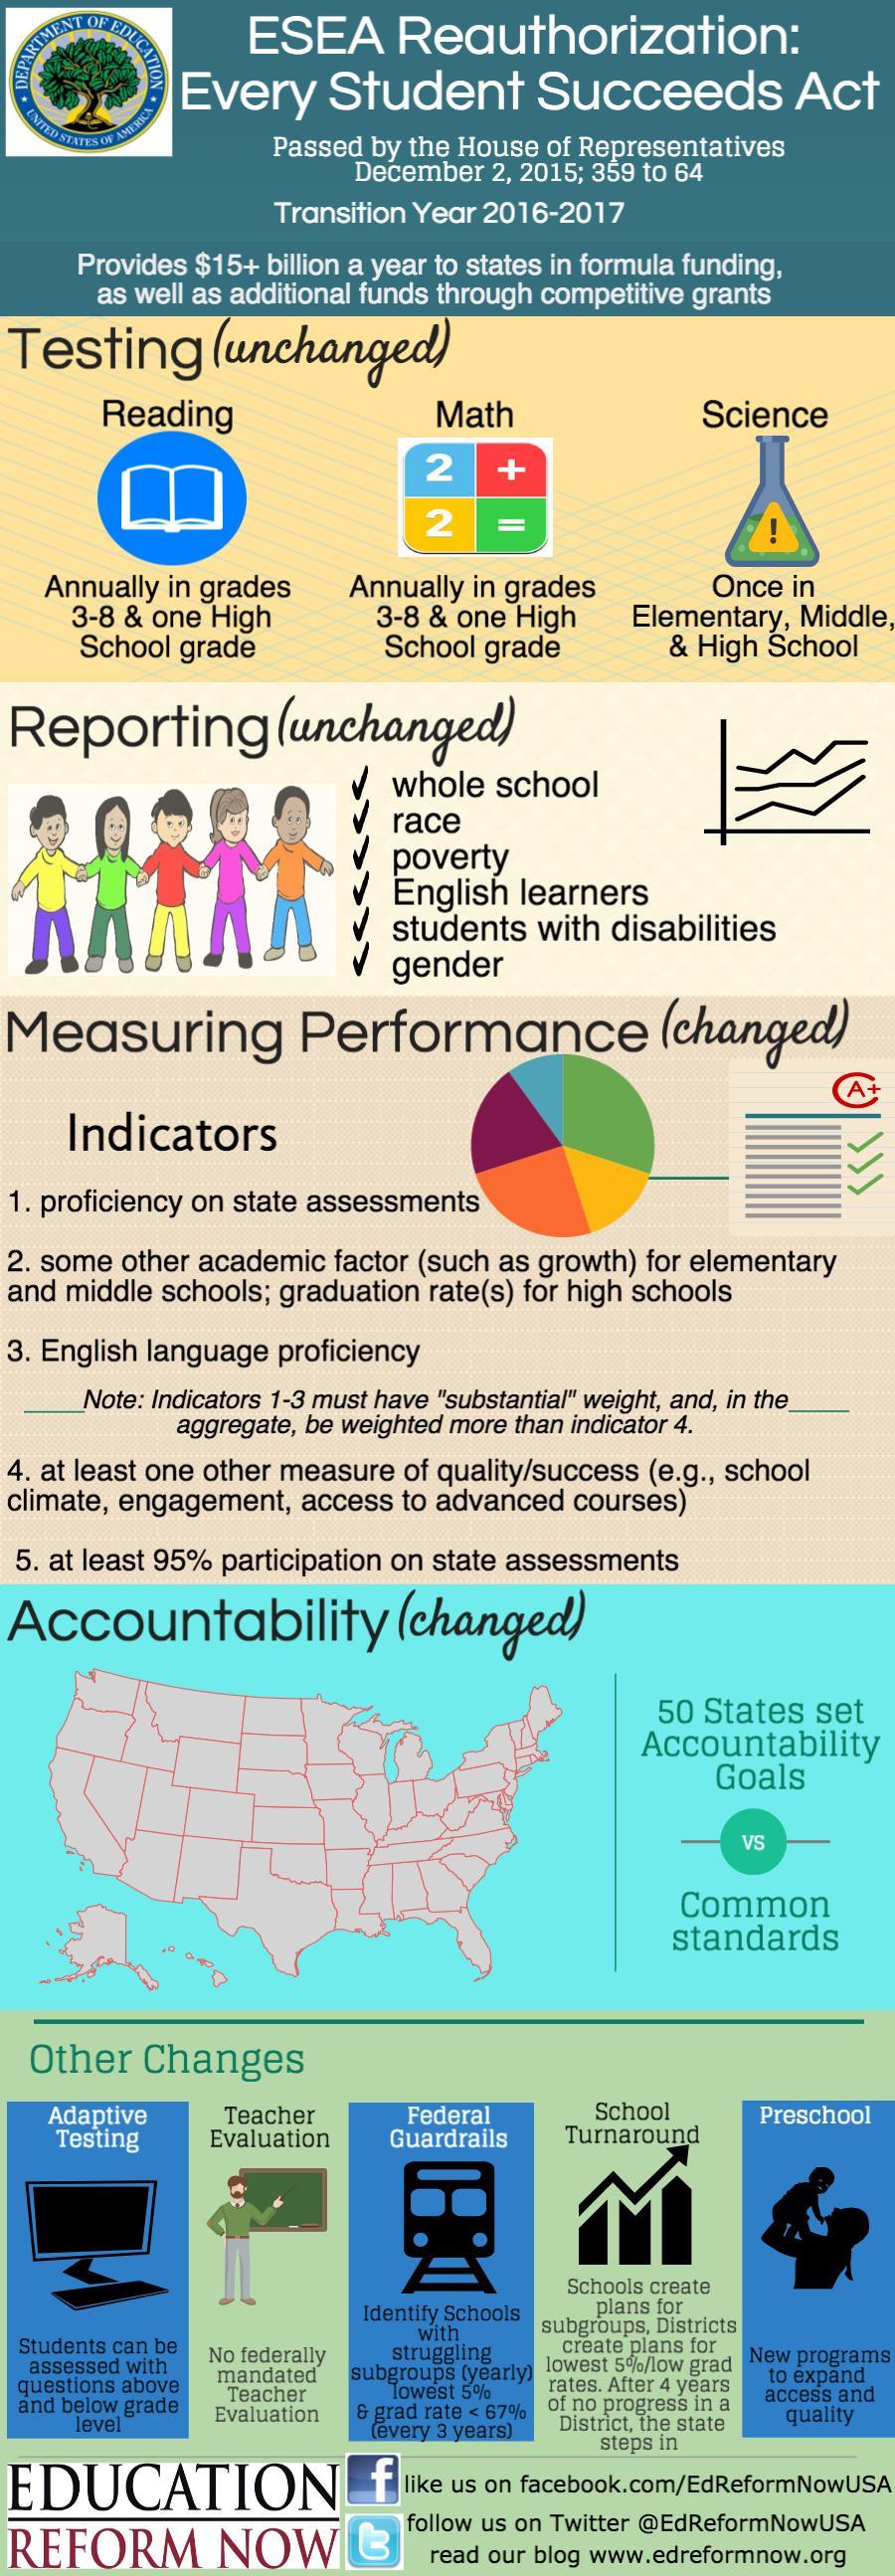 ESSA infographic